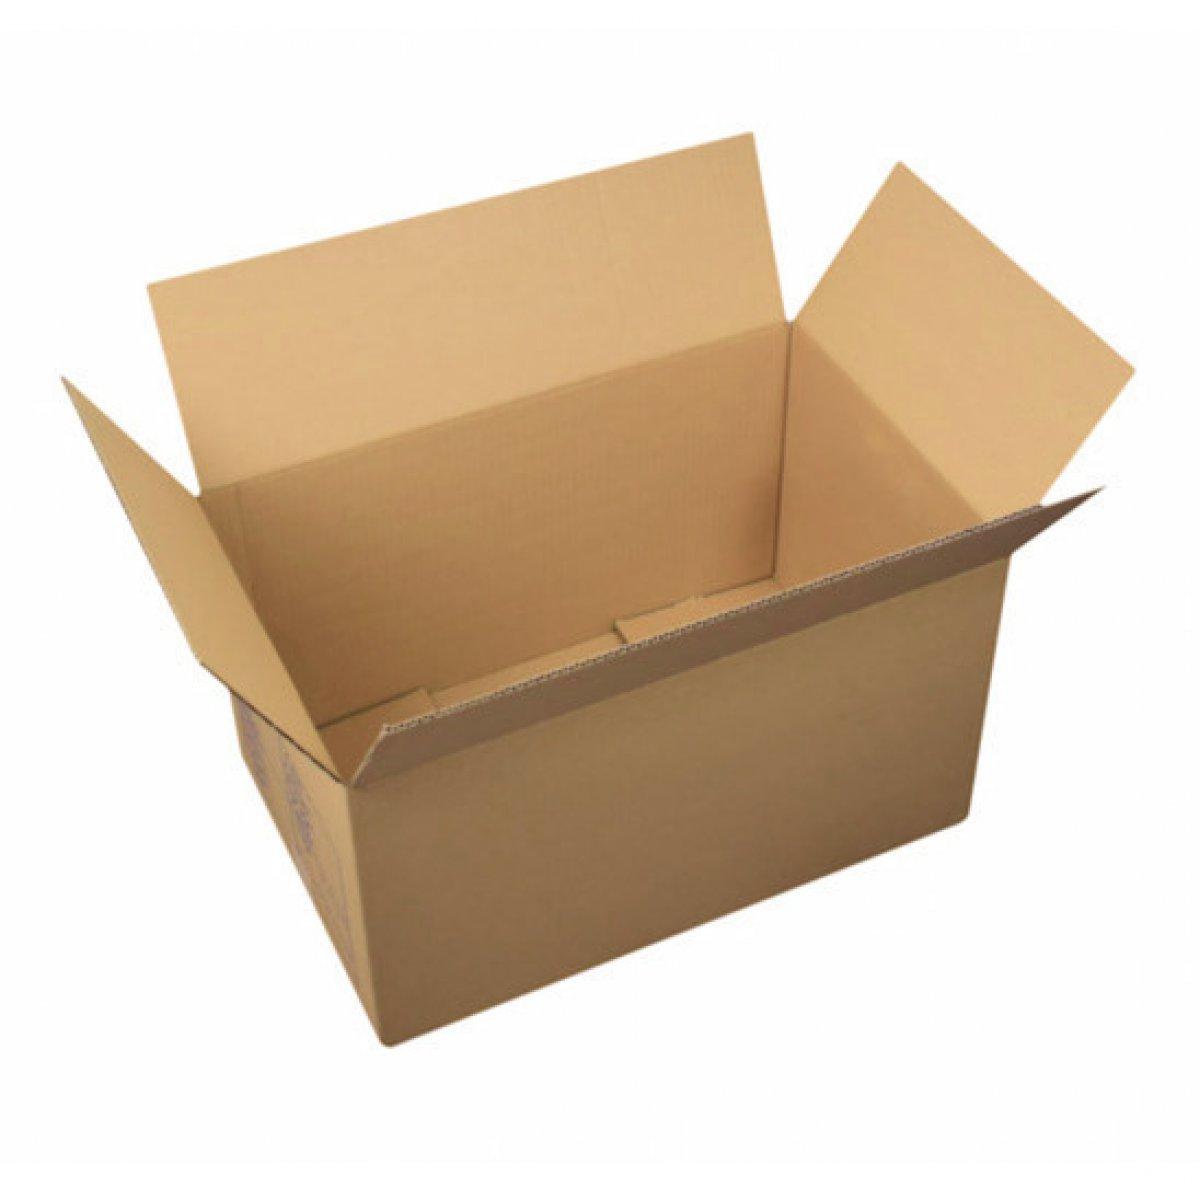 Déménagement : Faut-il déléguer son déménagement ?